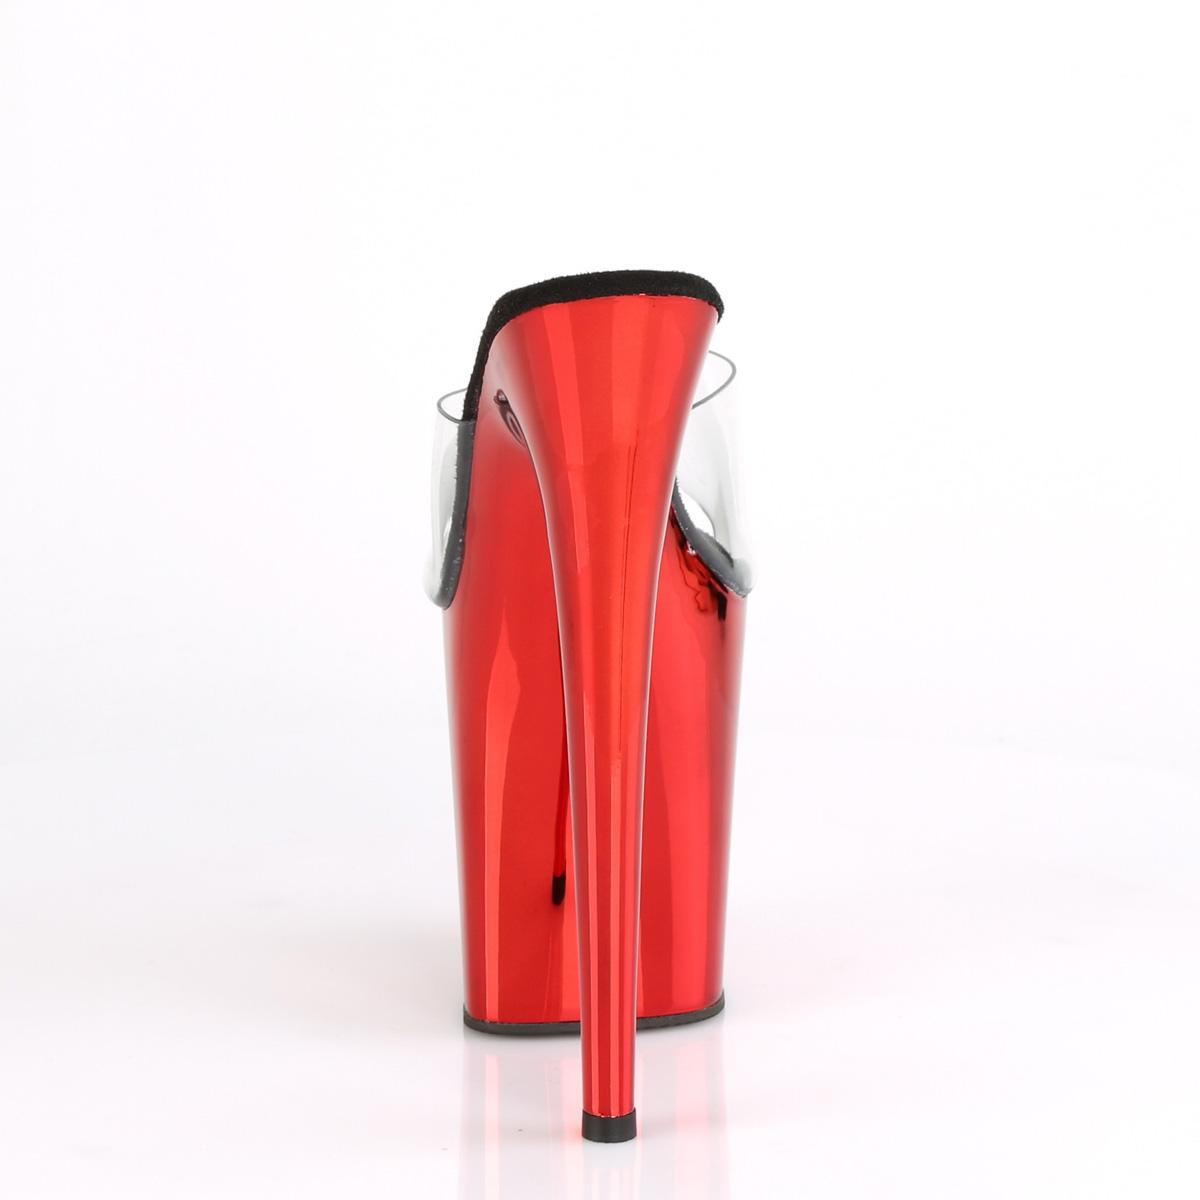 Pleaser(プリーザー) FLAMINGO-801 フラミンゴ 厚底サンダル 20�ヒール 10cmプラットフォーム クリア/レッドクローム◆取り寄せ